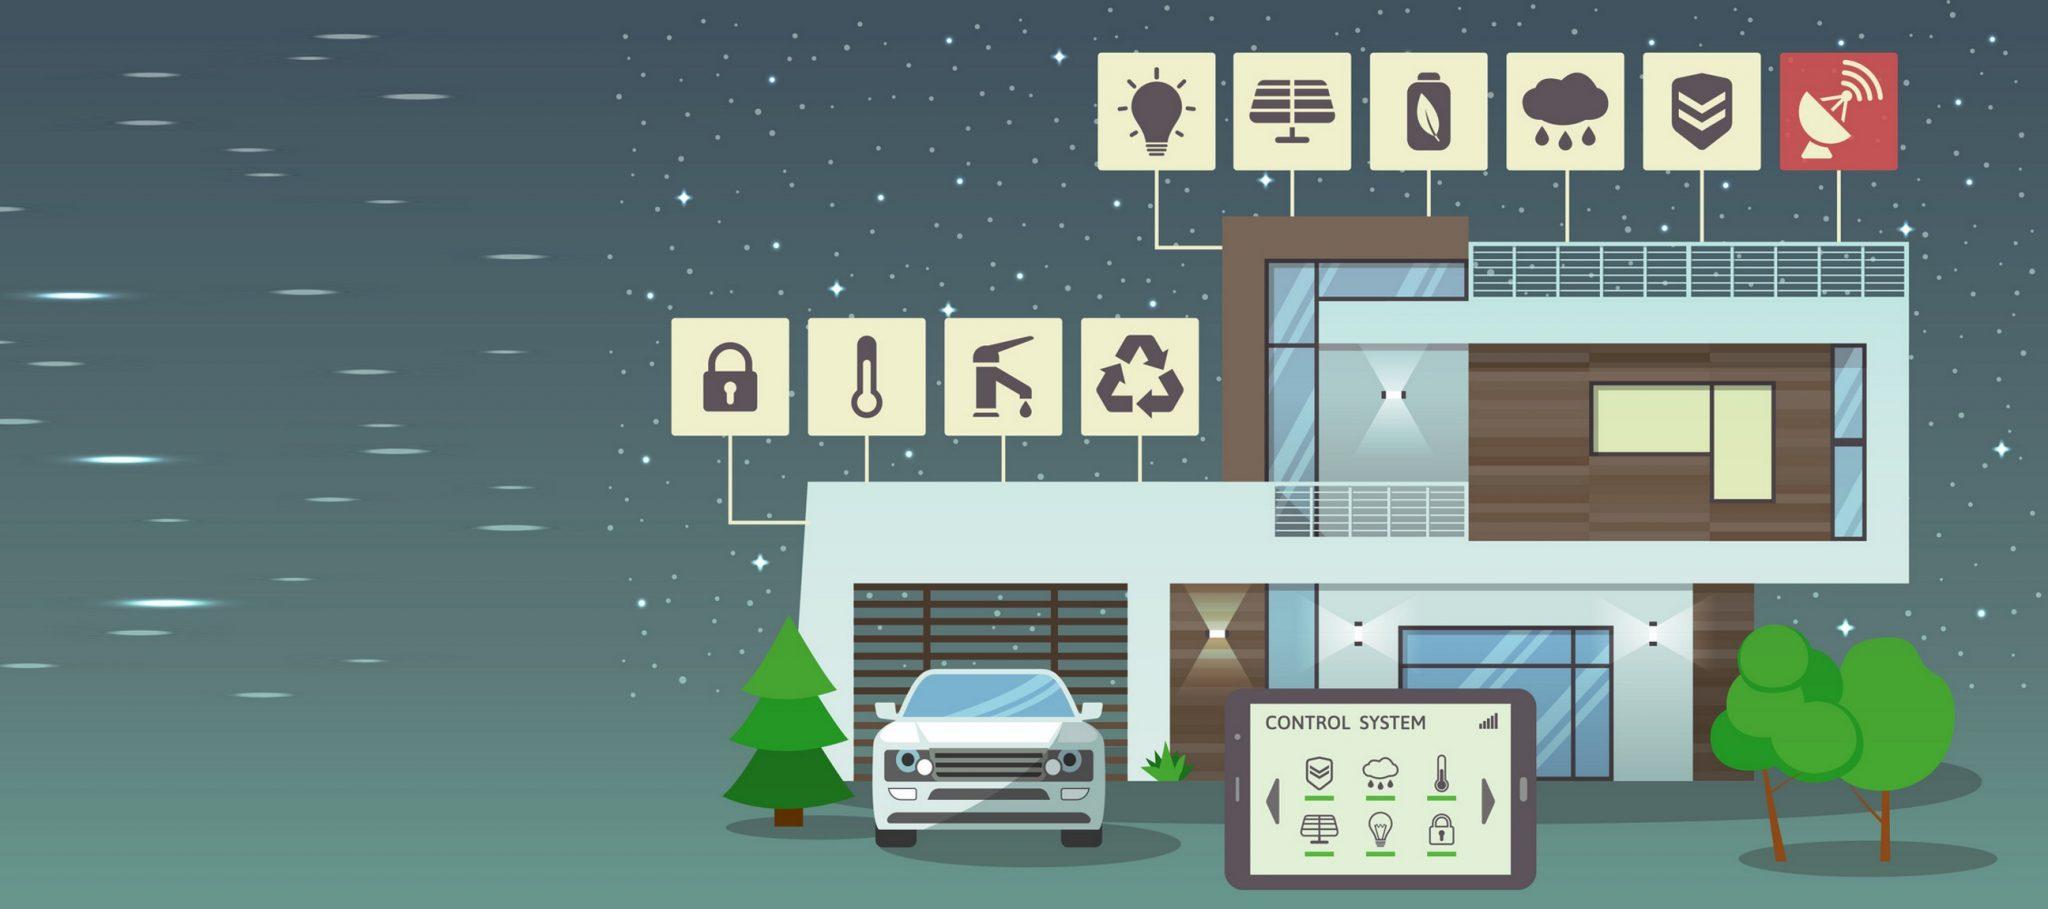 Hogar Inteligente Con Energía Solar Y Coche Eléctrico